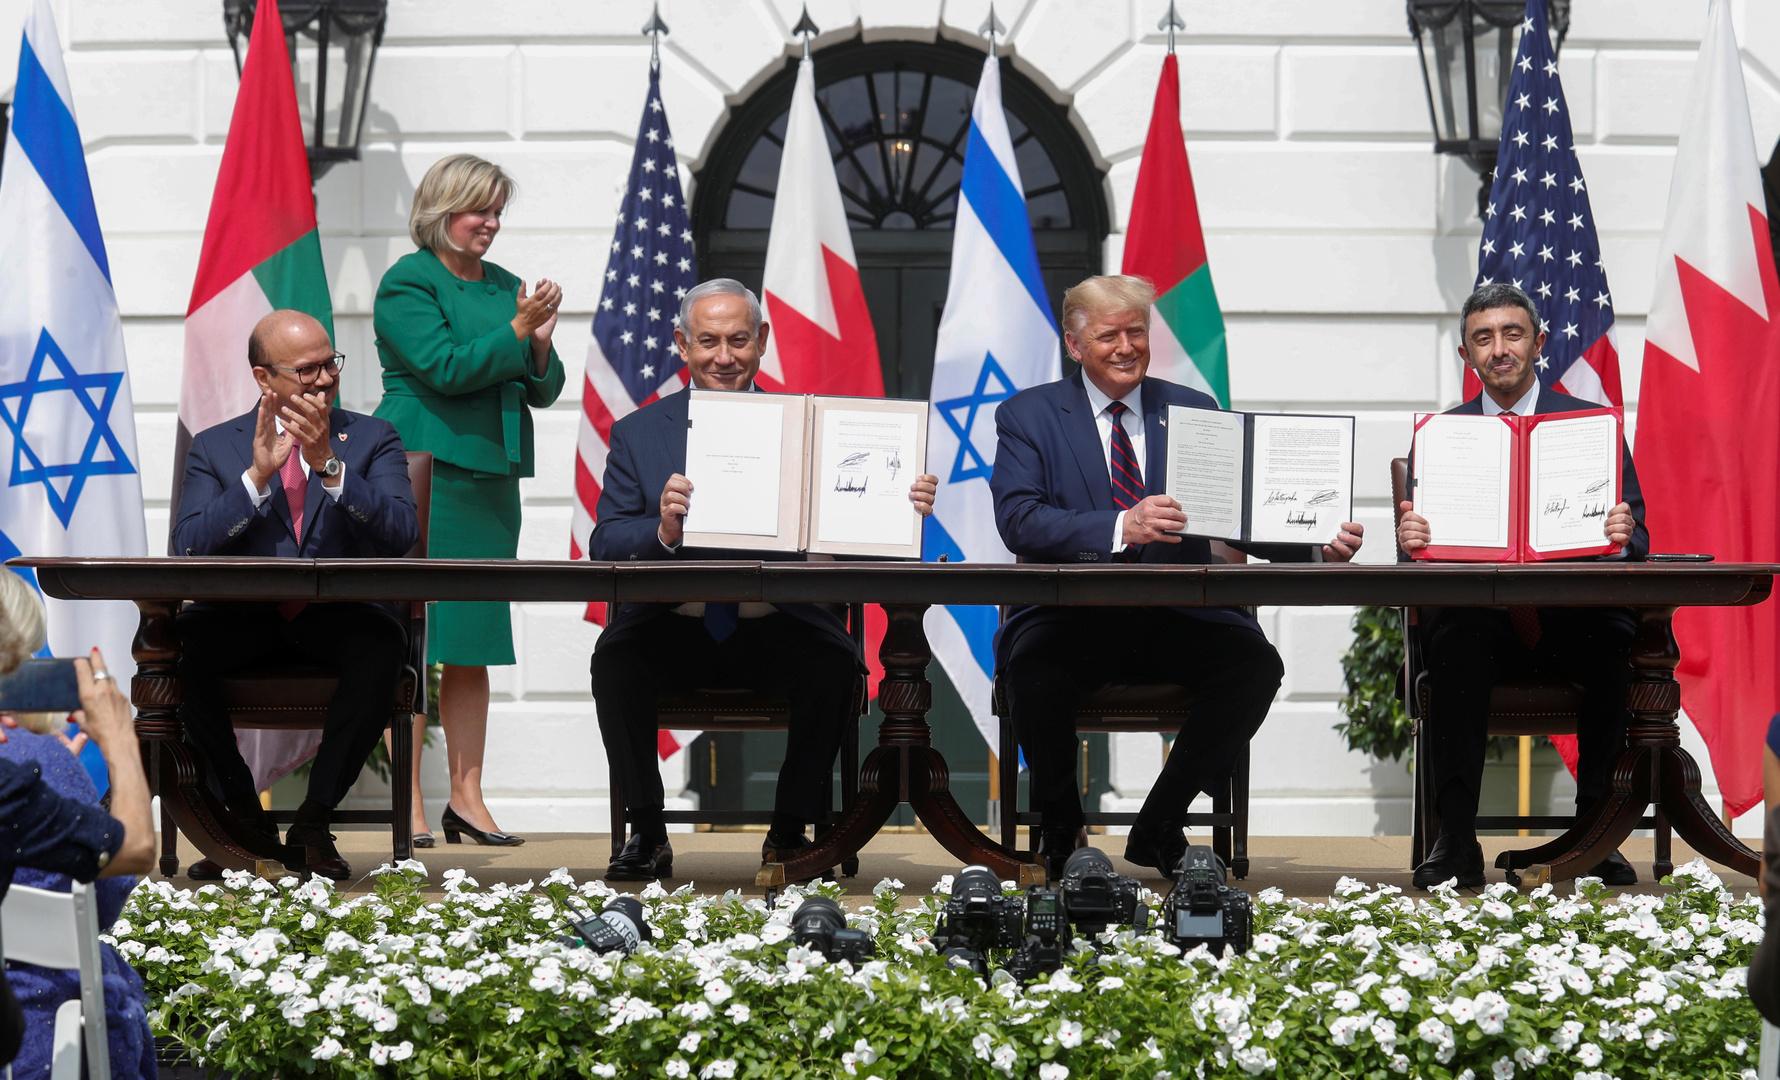 وسائل إعلام: ترجيحات بتوقيع اتفاقية تطبيع جديدة بين إسرائيل وسلطنة عمان